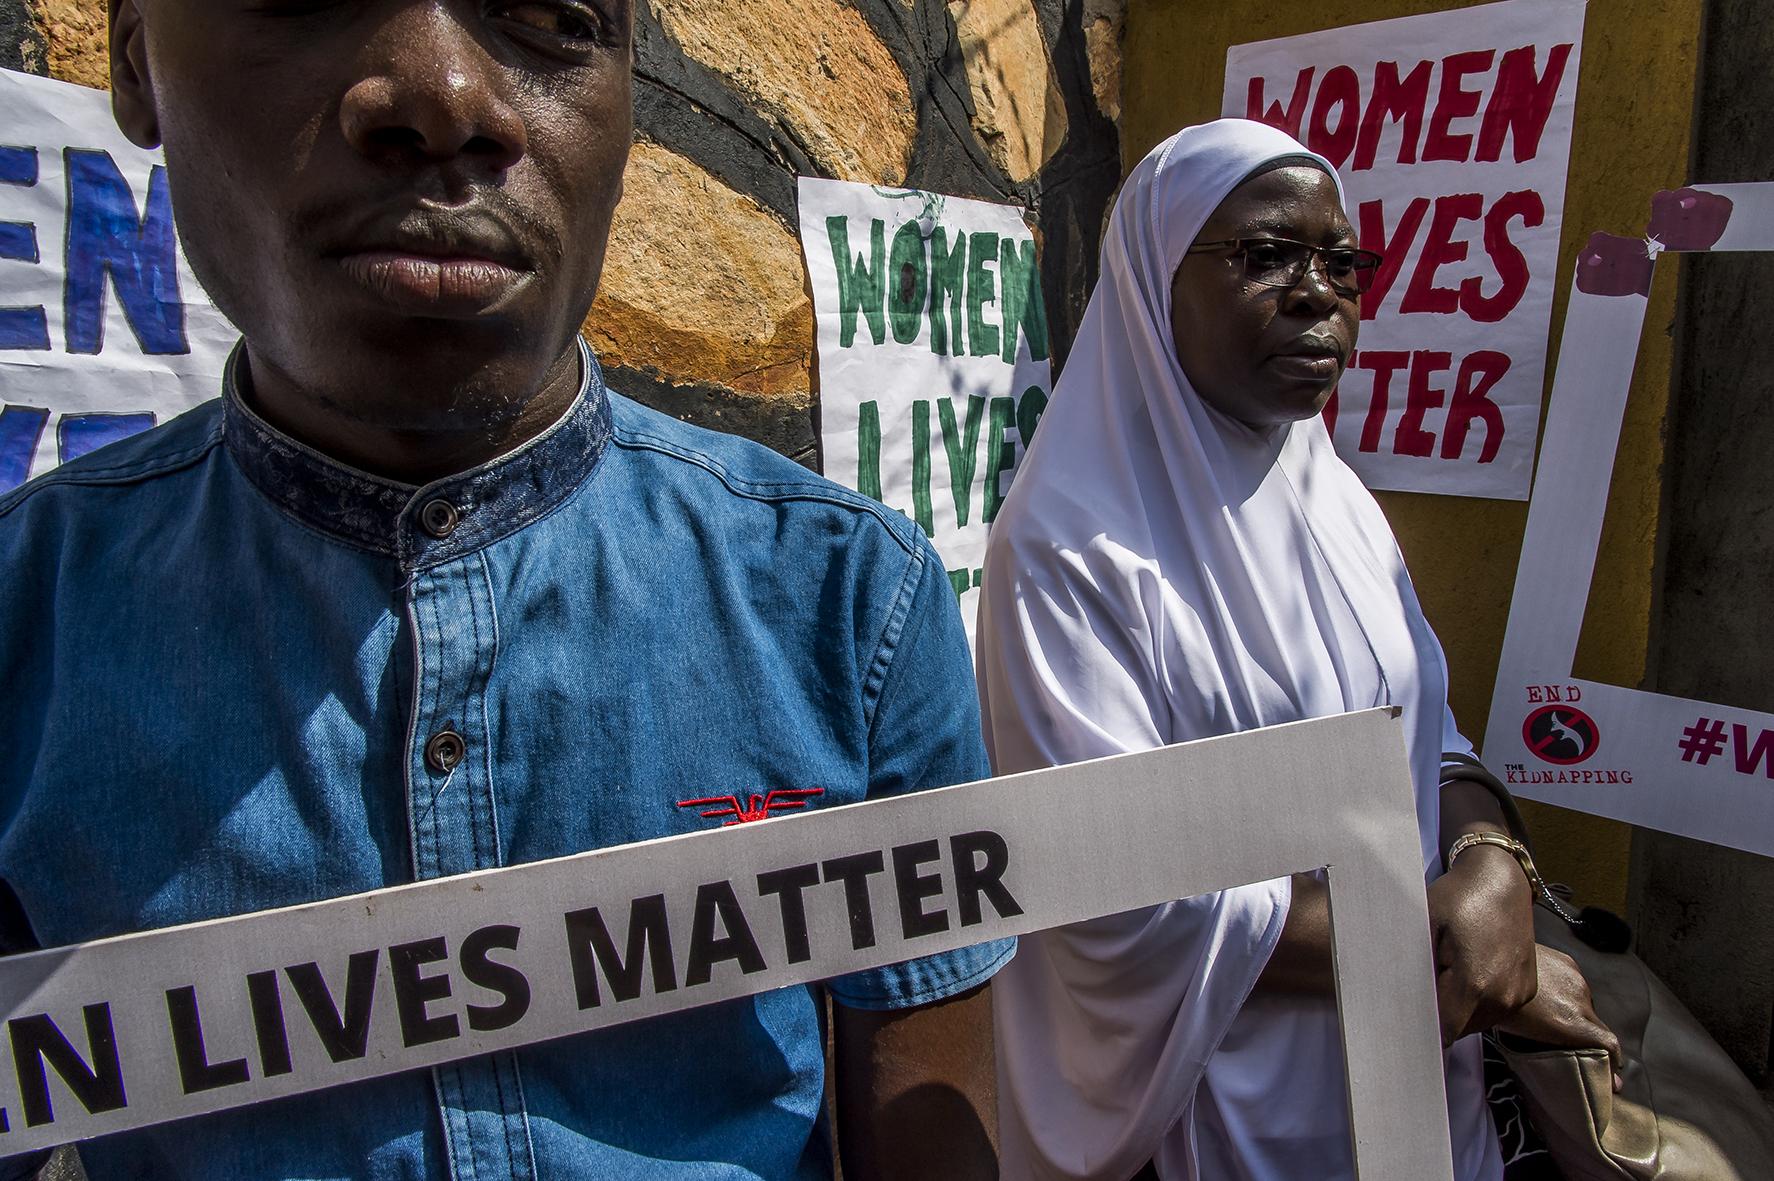 25 Women March212.jpg